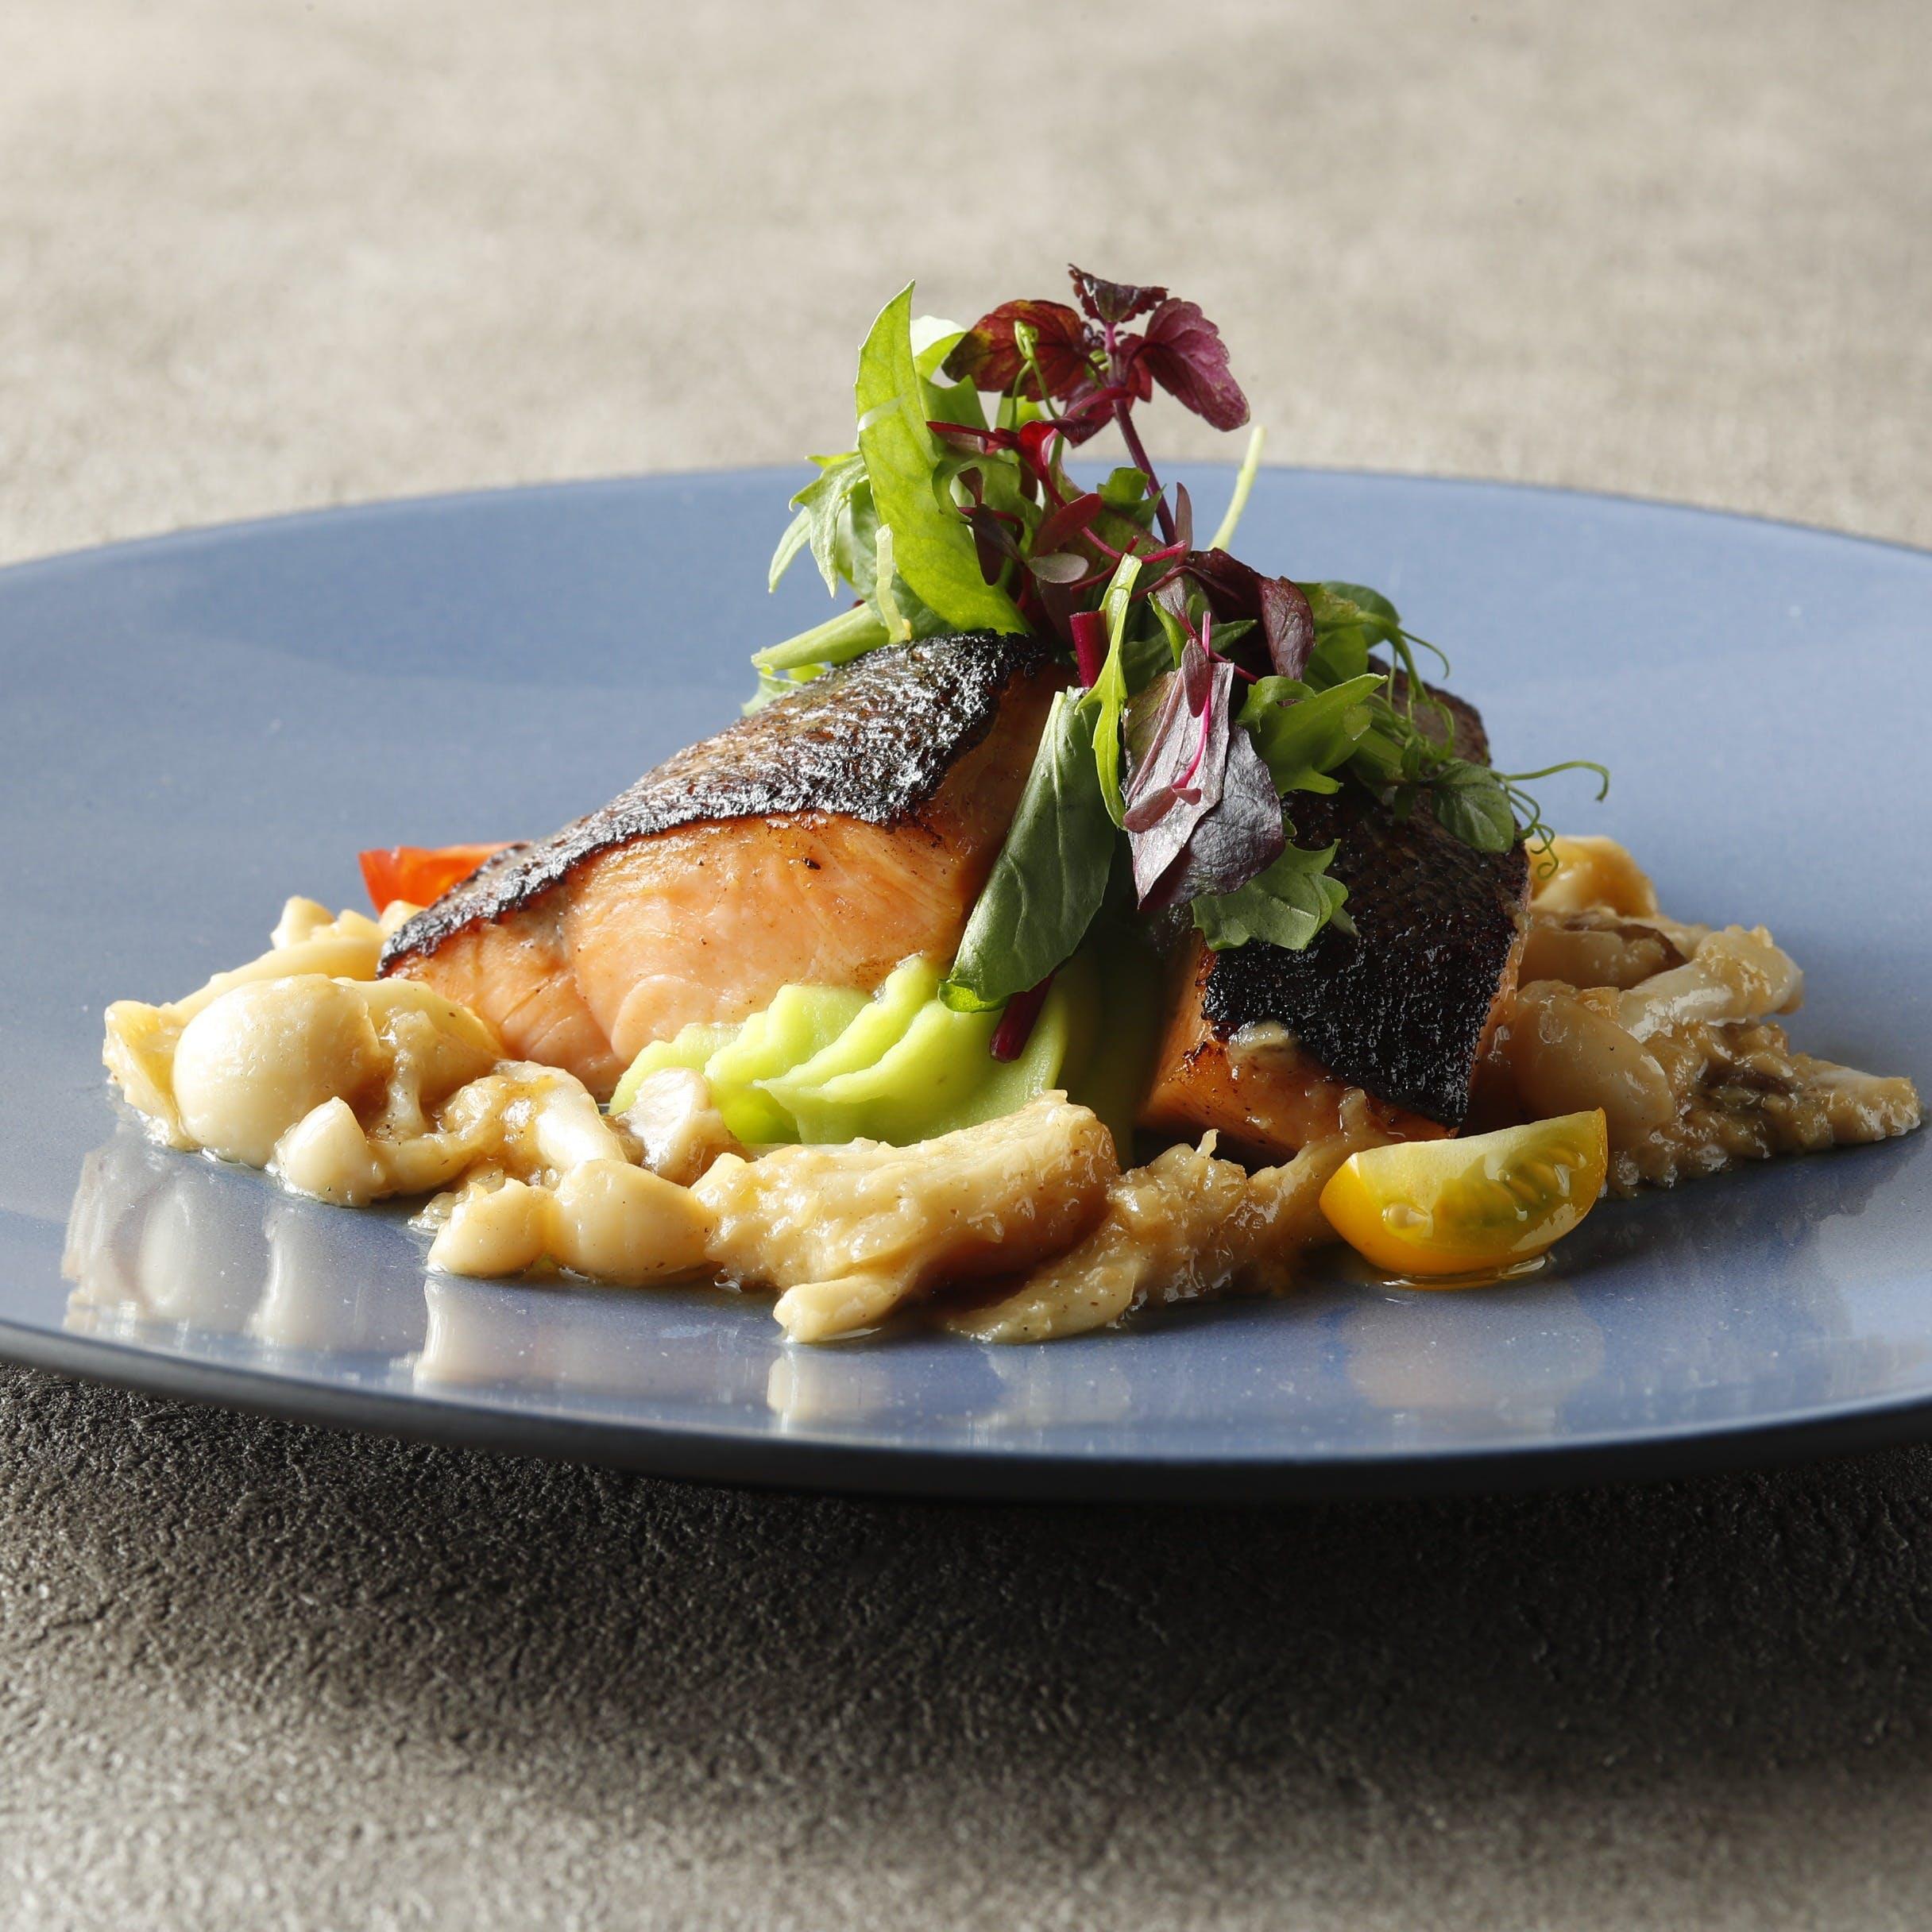 伝統の味を大切にしながら、新しい美味しさにも出会える グリルレストラン